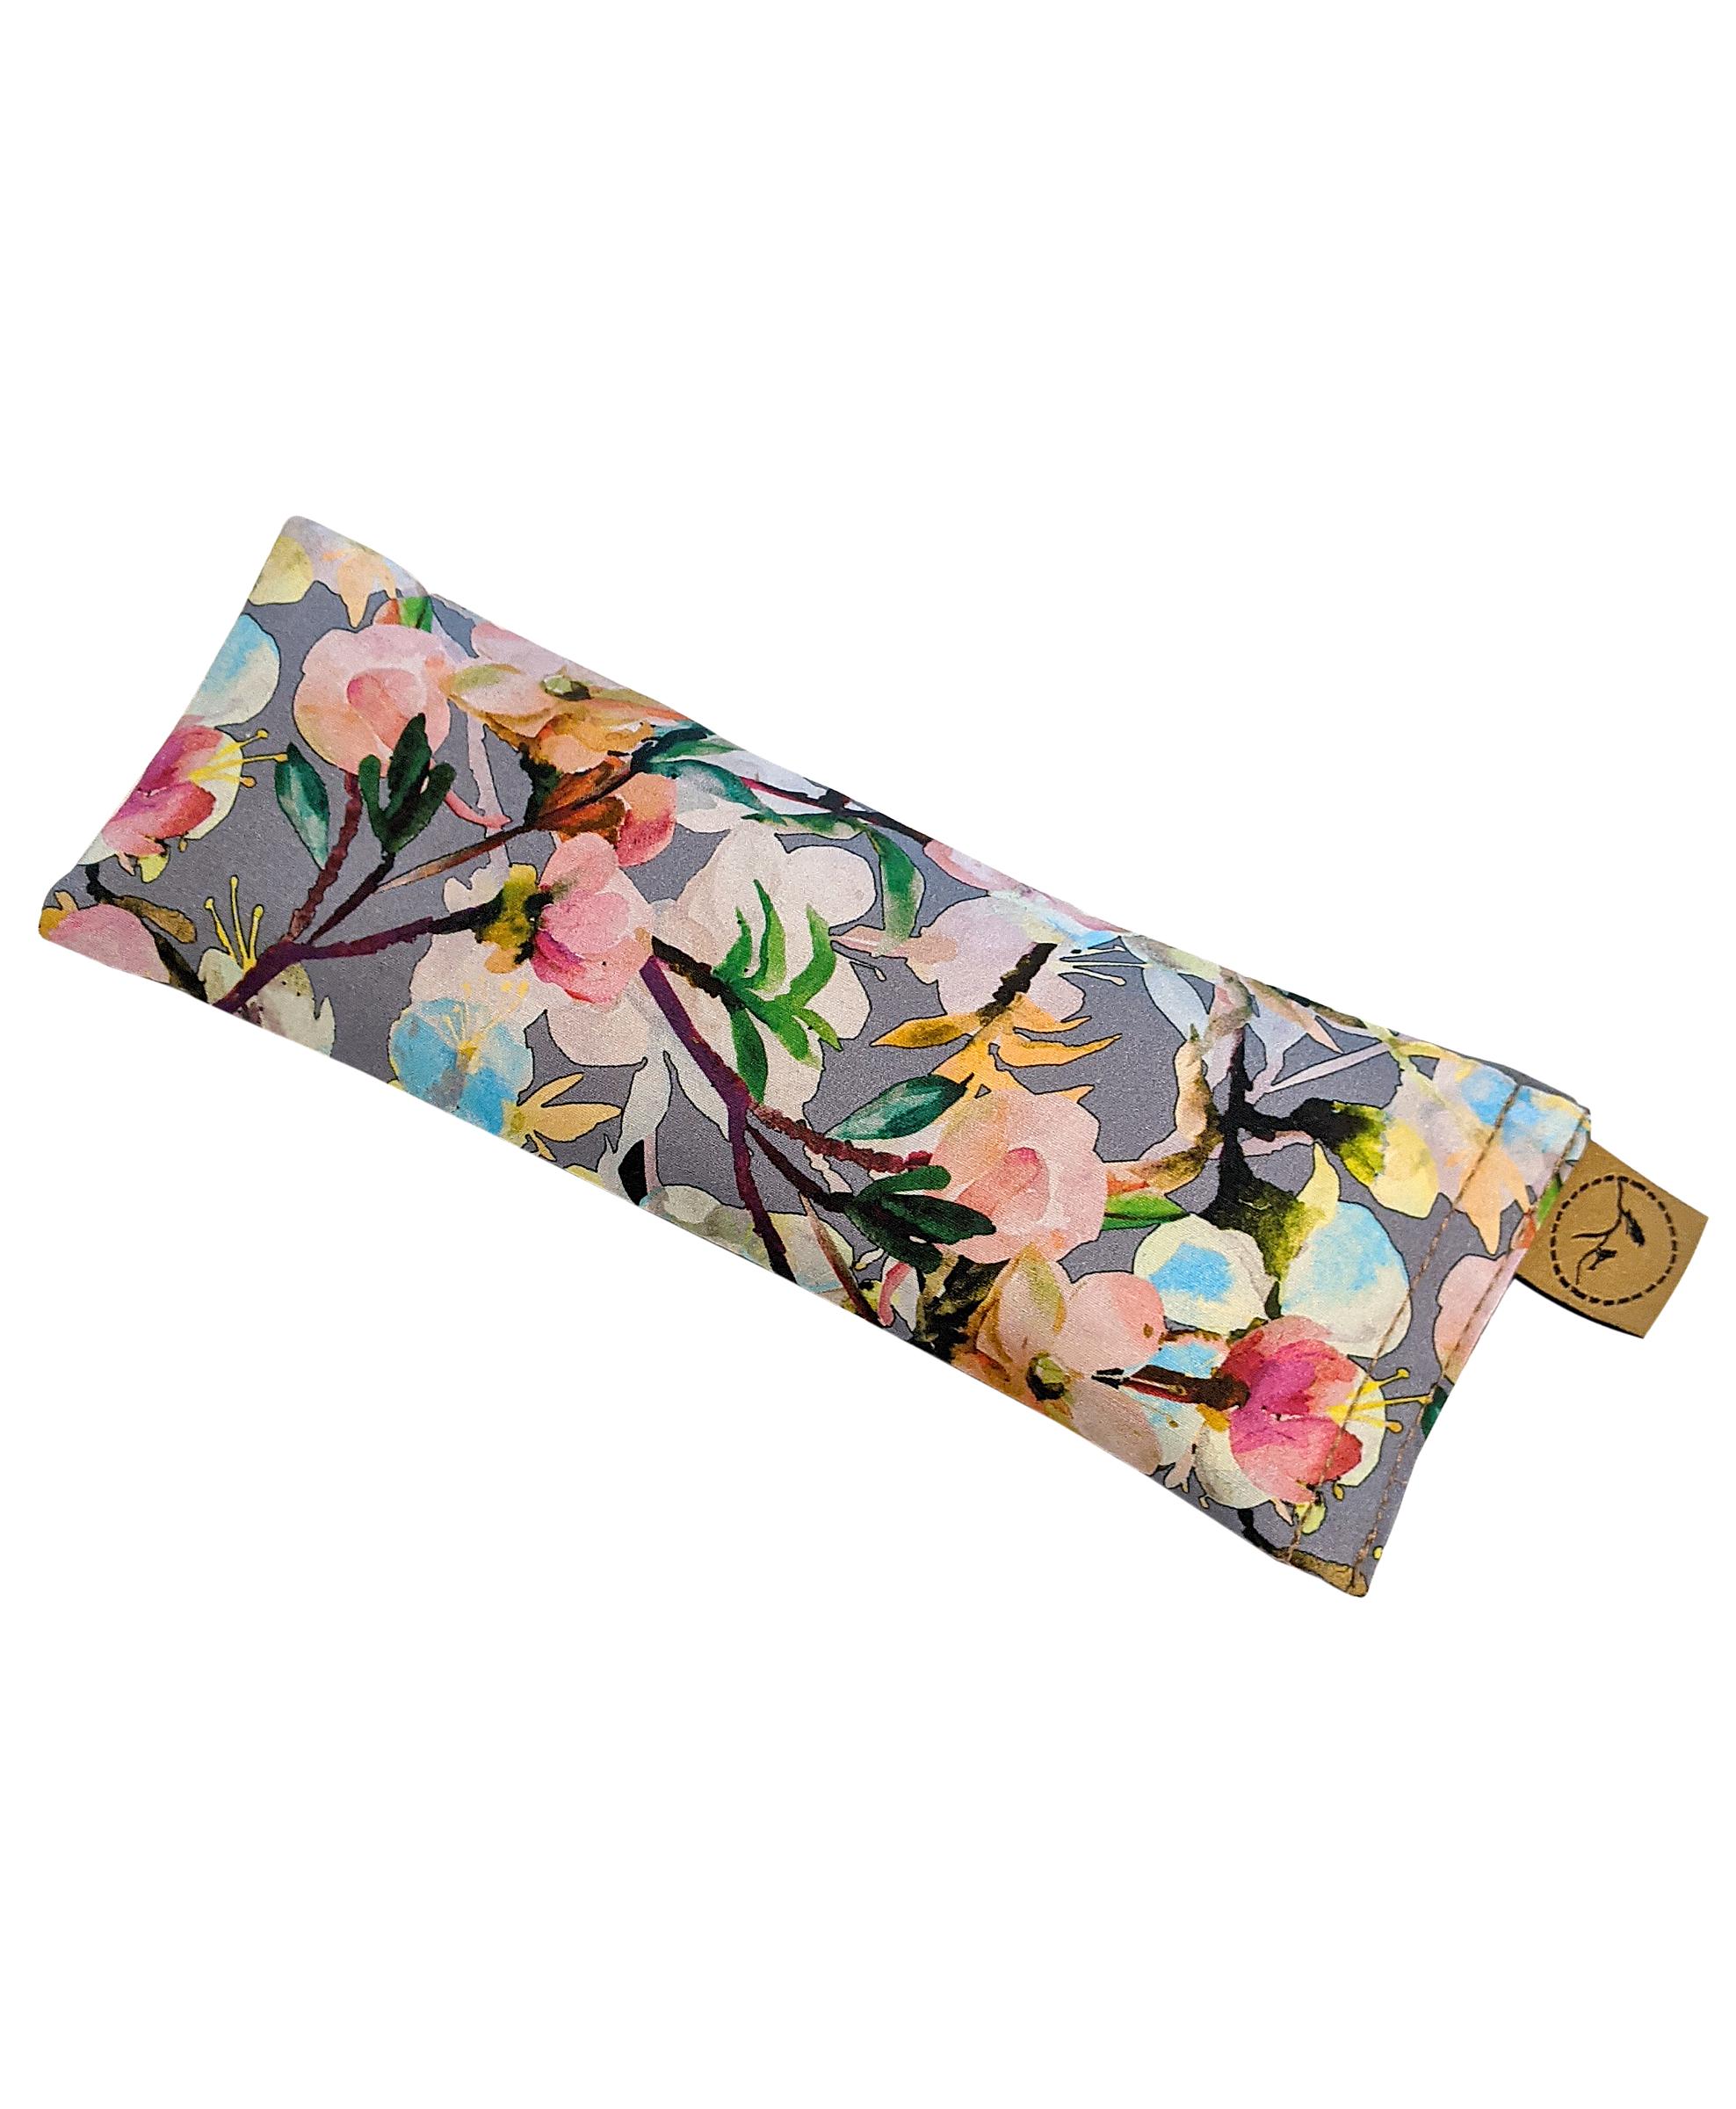 Floral Meadow eye pillow